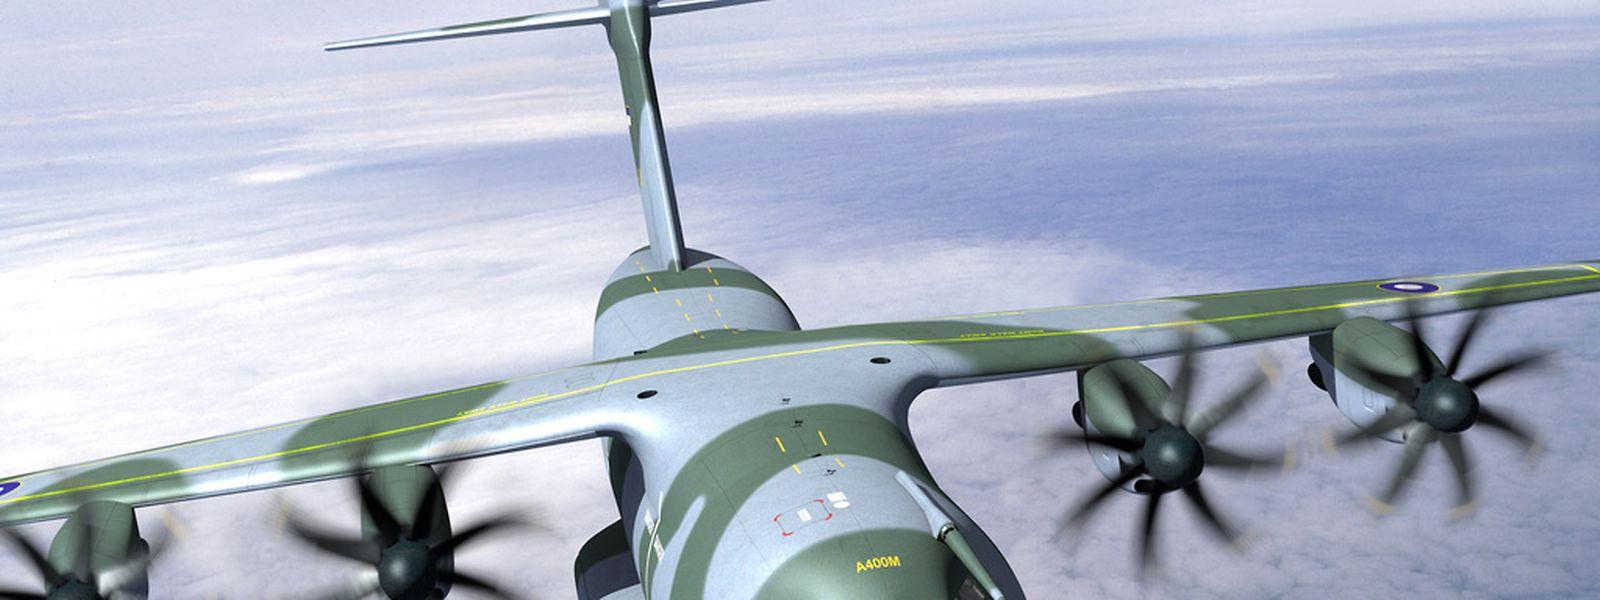 Sieben europäische Länder haben bei Airbus 174 Exemplare des A400M bestellt.